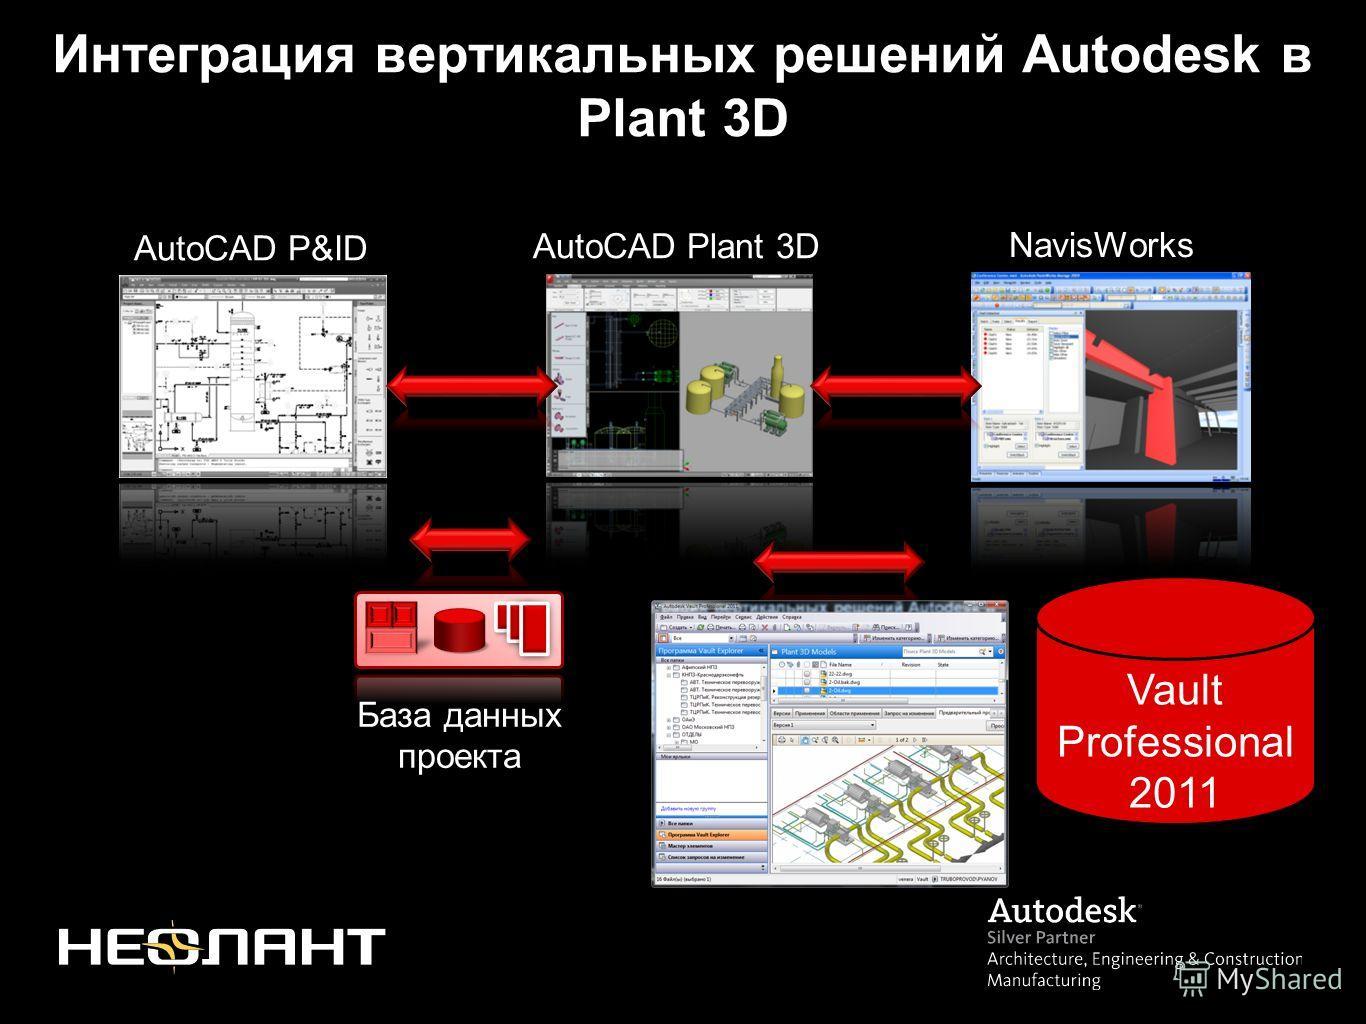 AutoCAD P&ID AutoCAD Plant 3D NavisWorks Интеграция вертикальных решений Autodesk в Plant 3D Vault Professional 2011